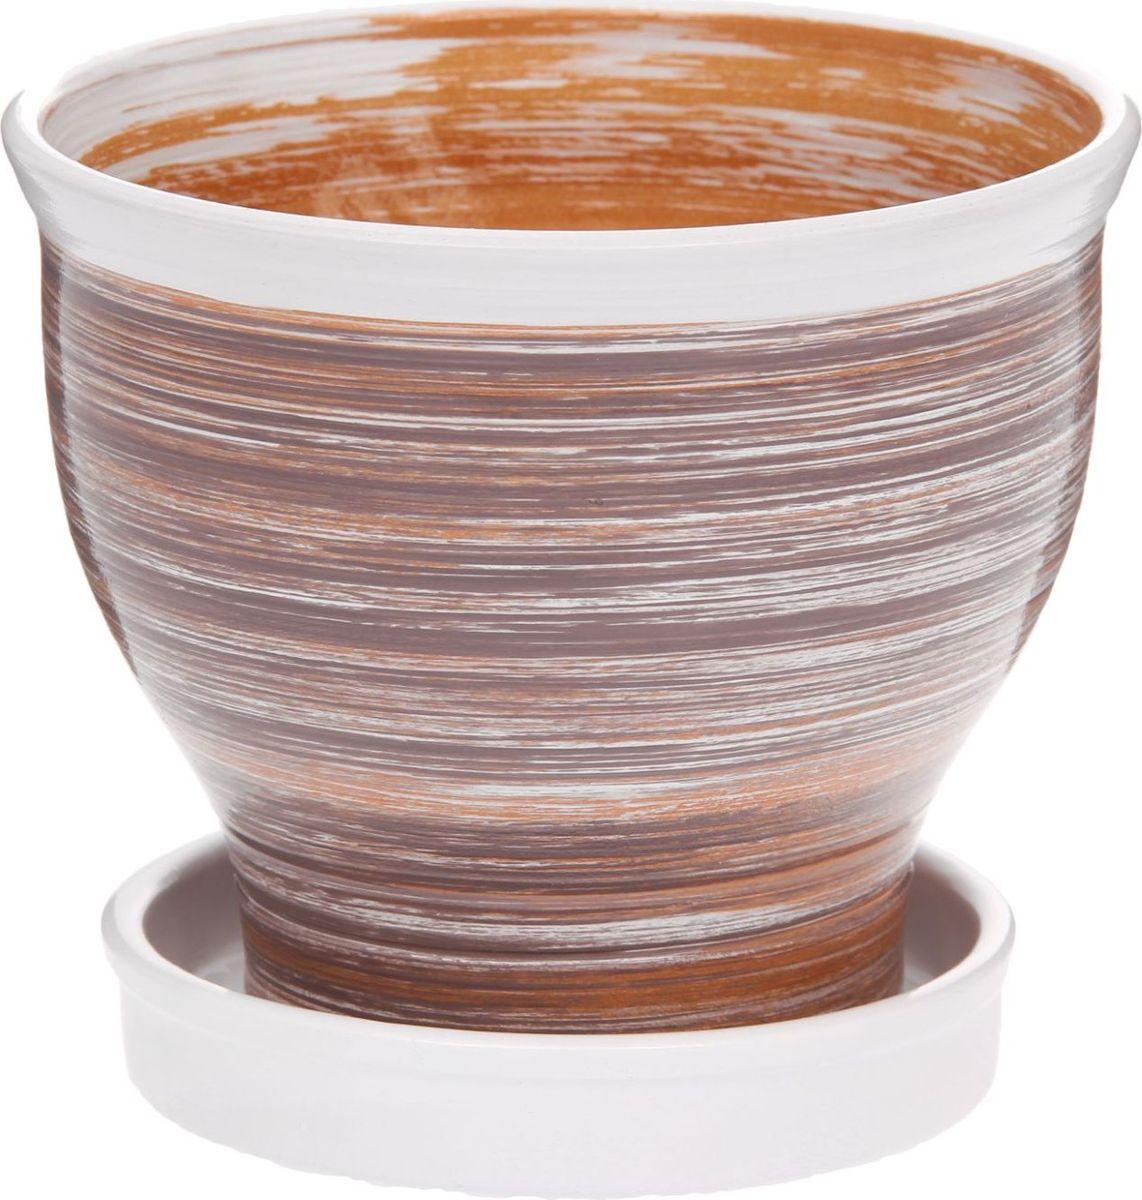 Кашпо Полоски, 1,7 л1147358Комнатные растения — всеобщие любимцы. Они радуют глаз, насыщают помещение кислородом и украшают пространство. Каждому из них необходим свой удобный и красивый дом. Кашпо из керамики прекрасно подходят для высадки растений: за счёт пластичности глины и разных способов обработки существует великое множество форм и дизайновпористый материал позволяет испаряться лишней влагевоздух, необходимый для дыхания корней, проникает сквозь керамические стенки! #name# позаботится о зелёном питомце, освежит интерьер и подчеркнёт его стиль.